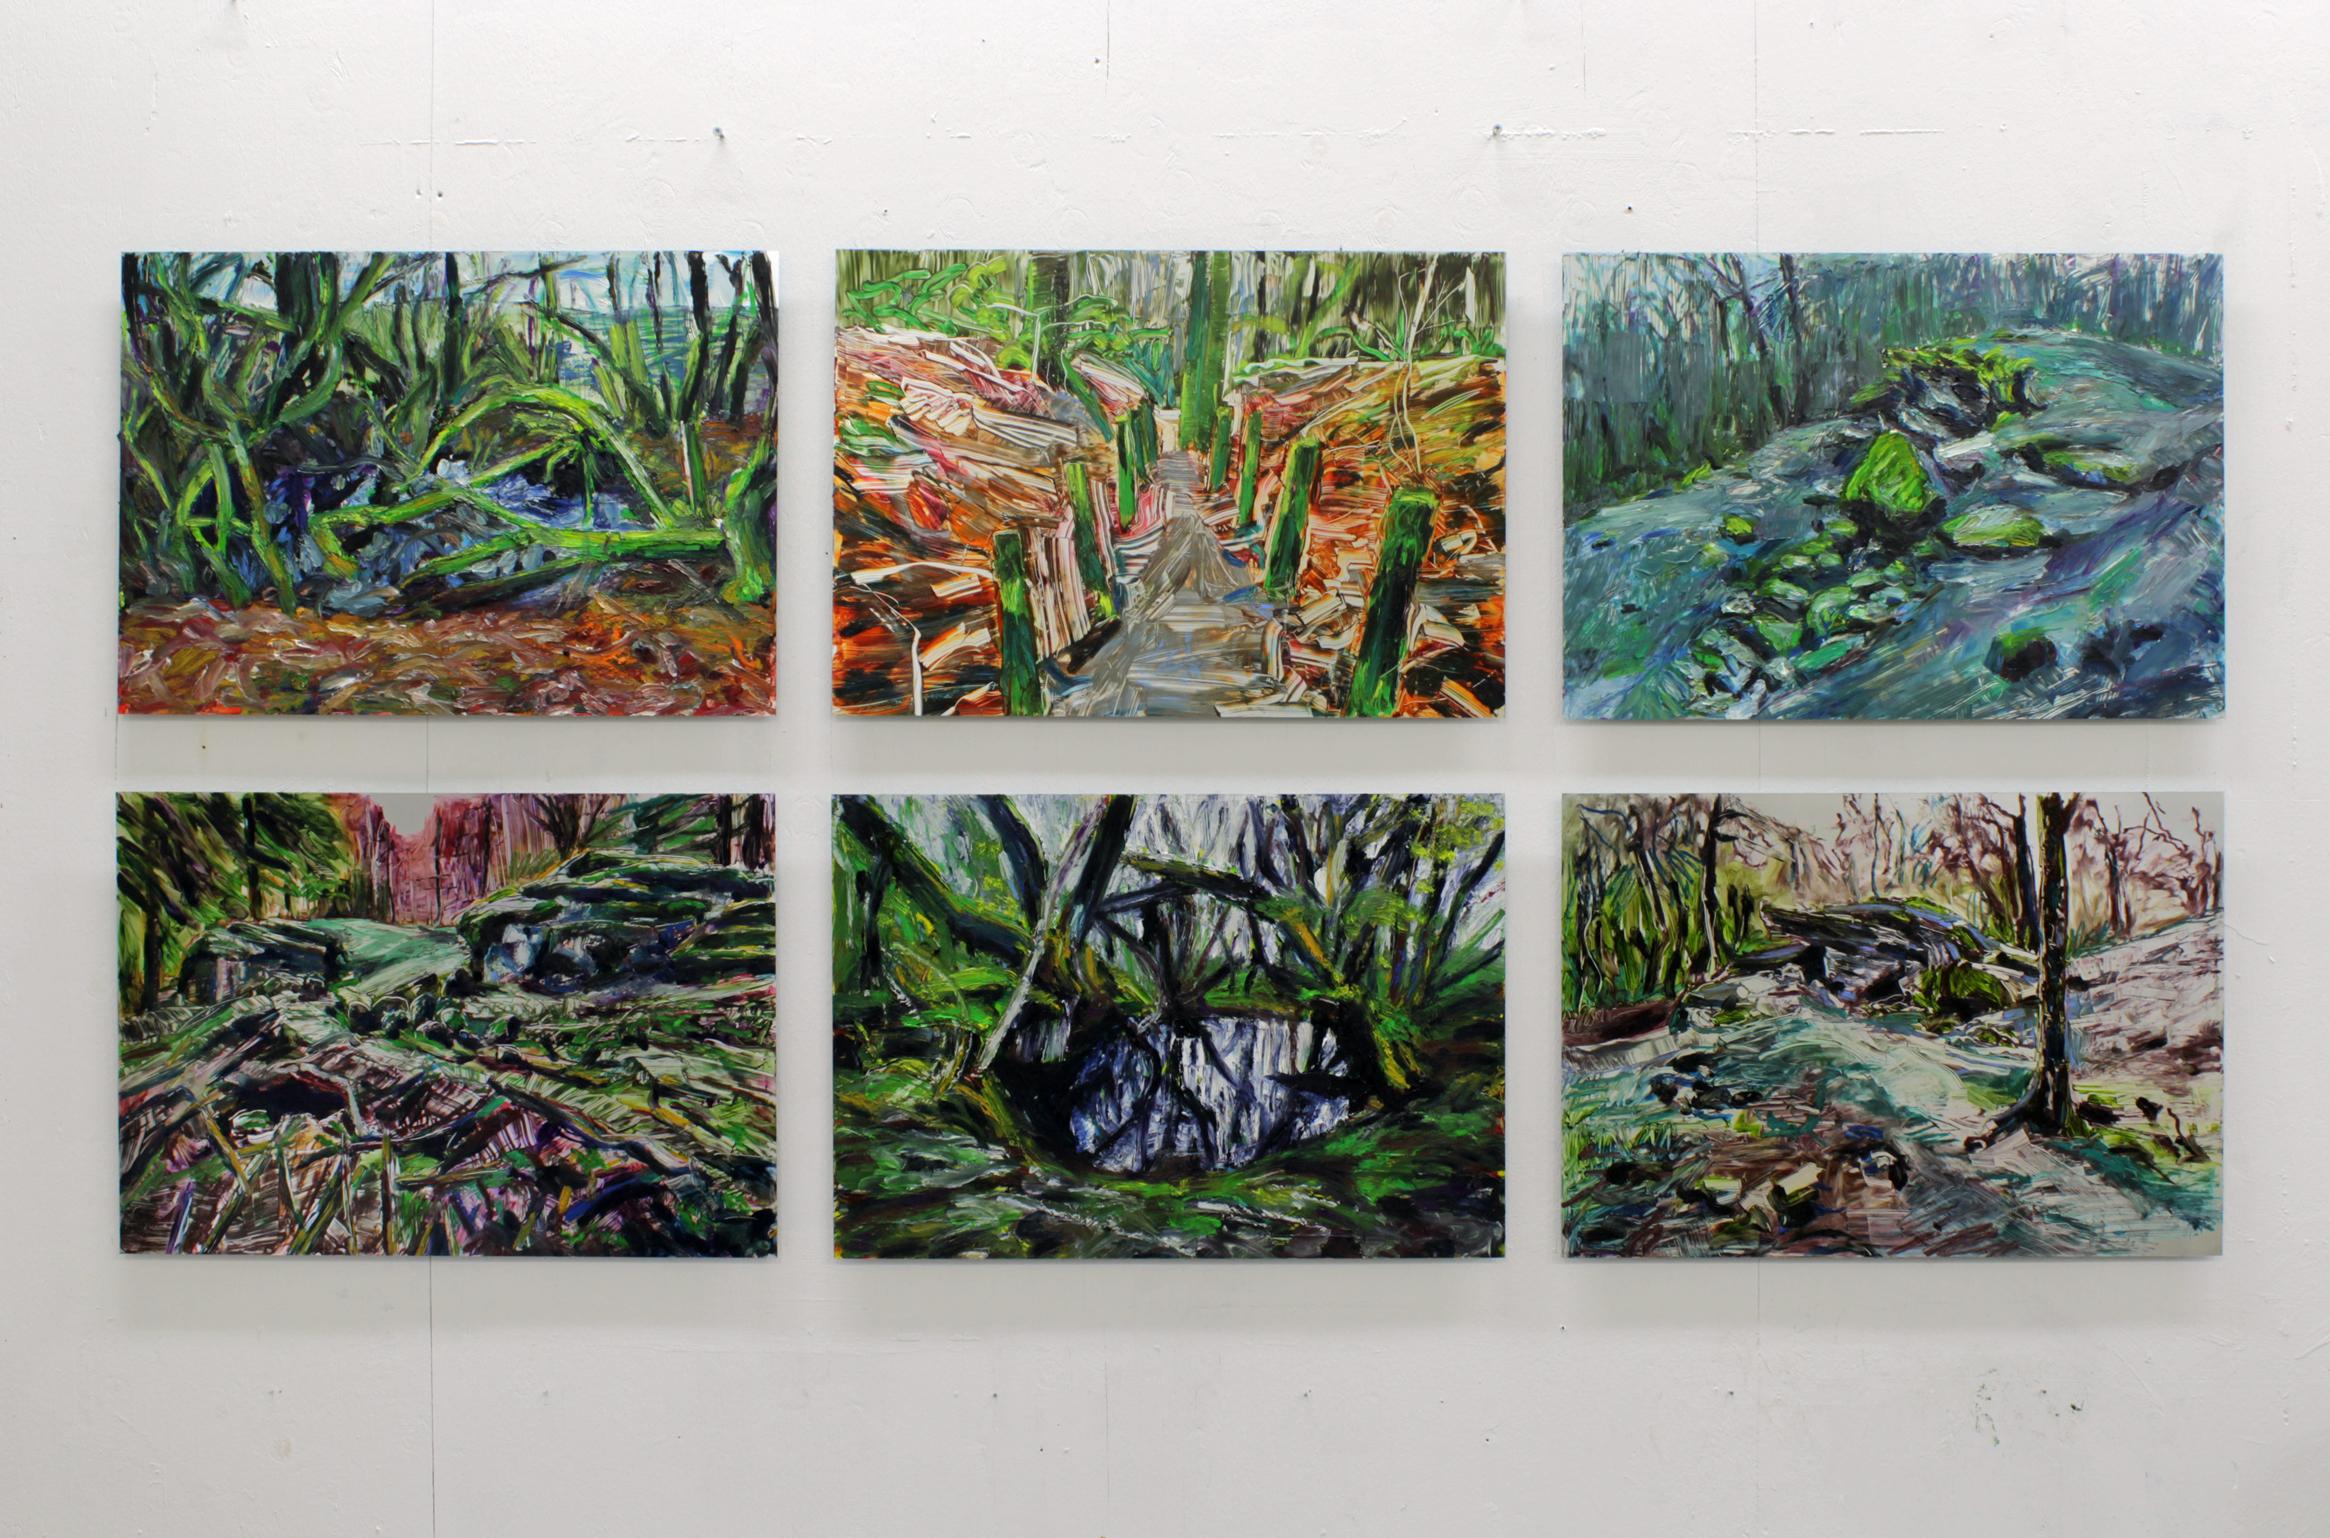 Gallery Becker